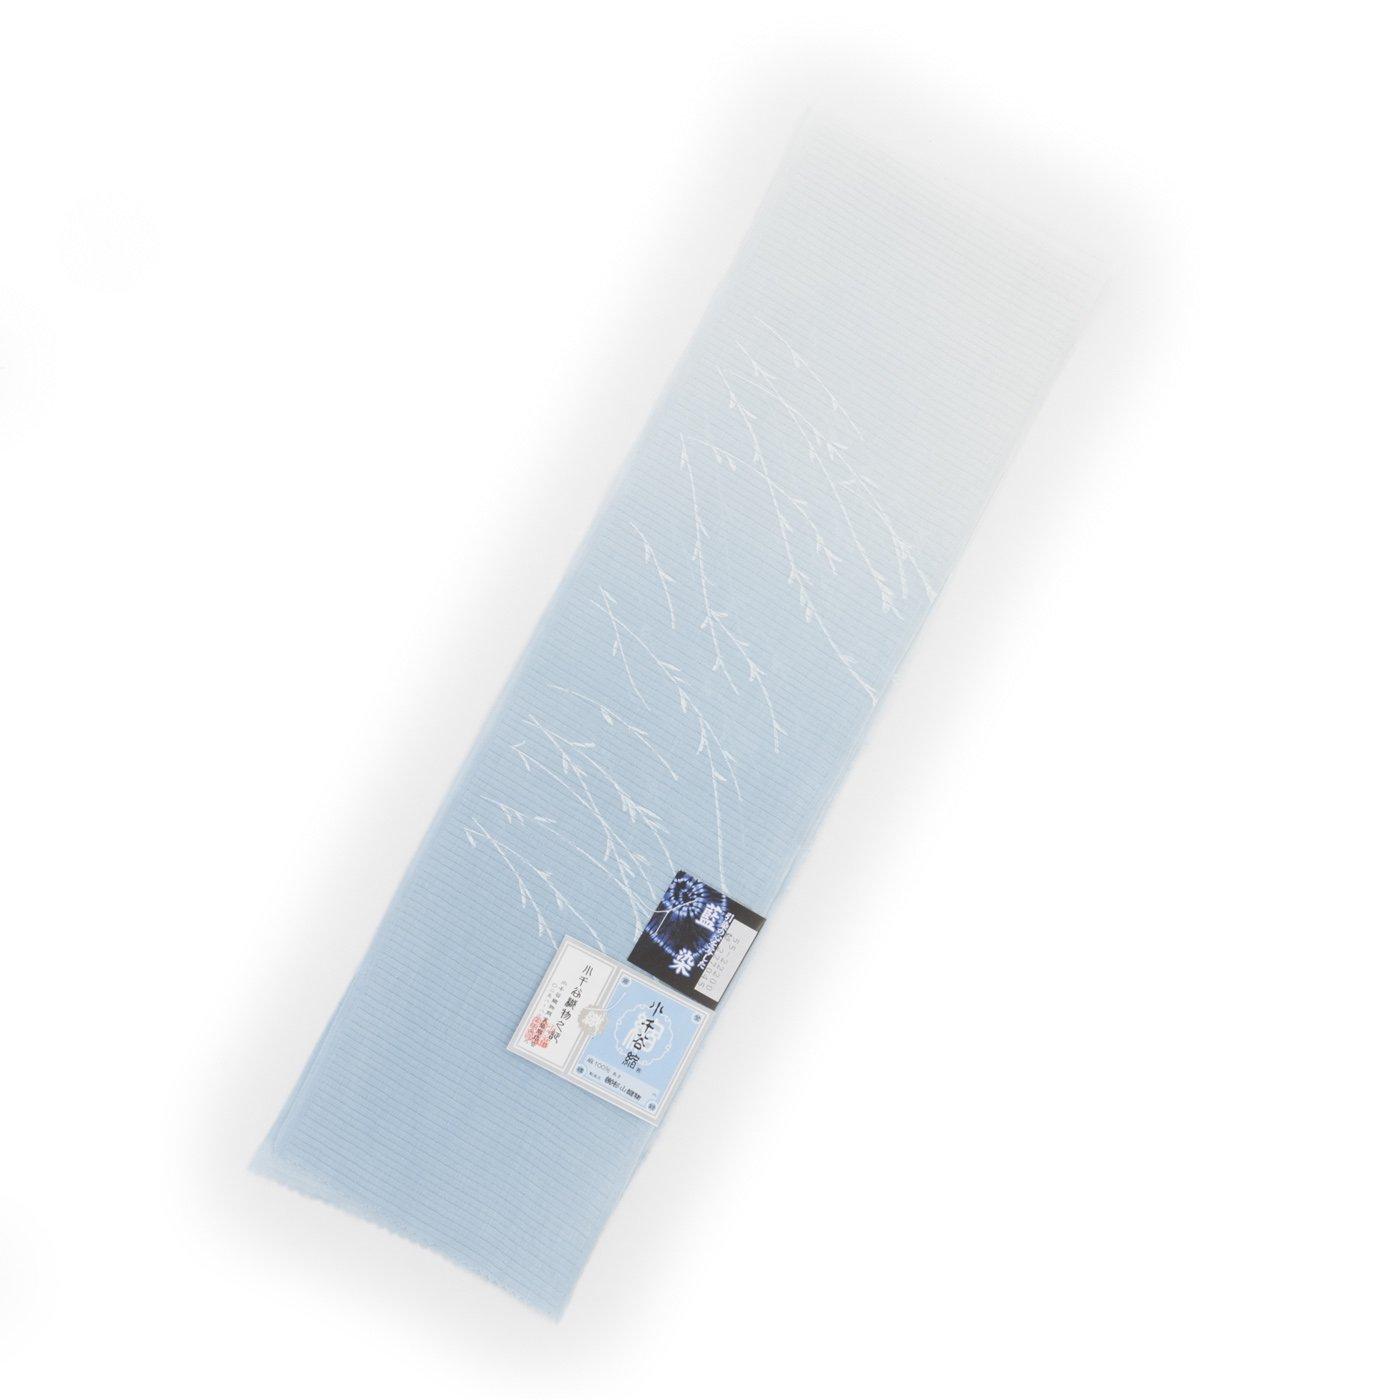 「小千谷縮 藍染本麻 絽半襟 白青」の商品画像